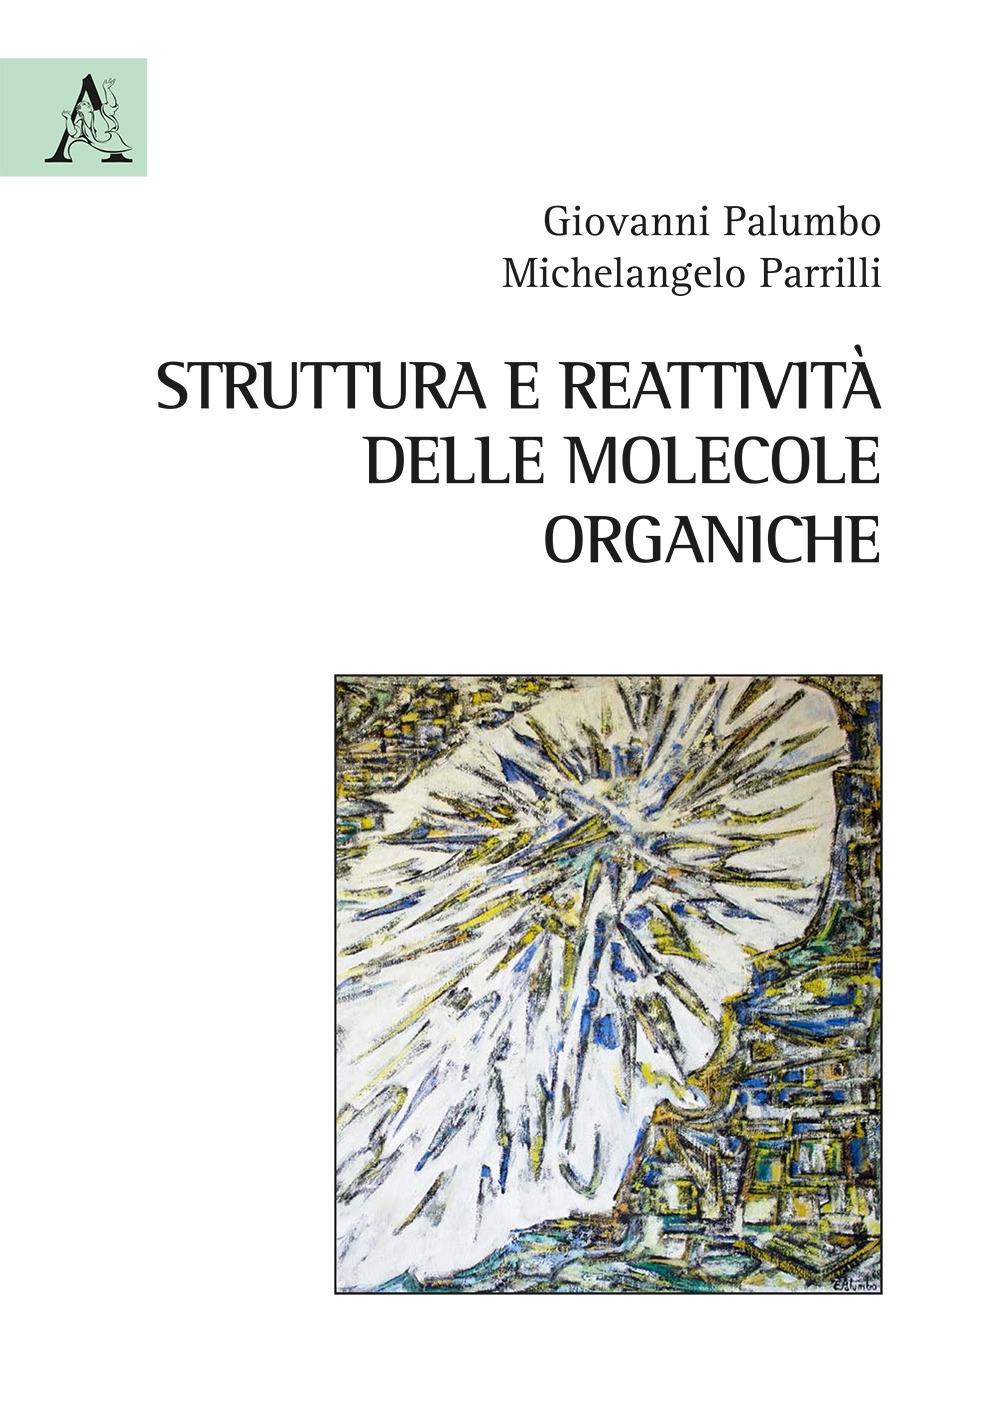 Struttura e reattività delle molecole organiche